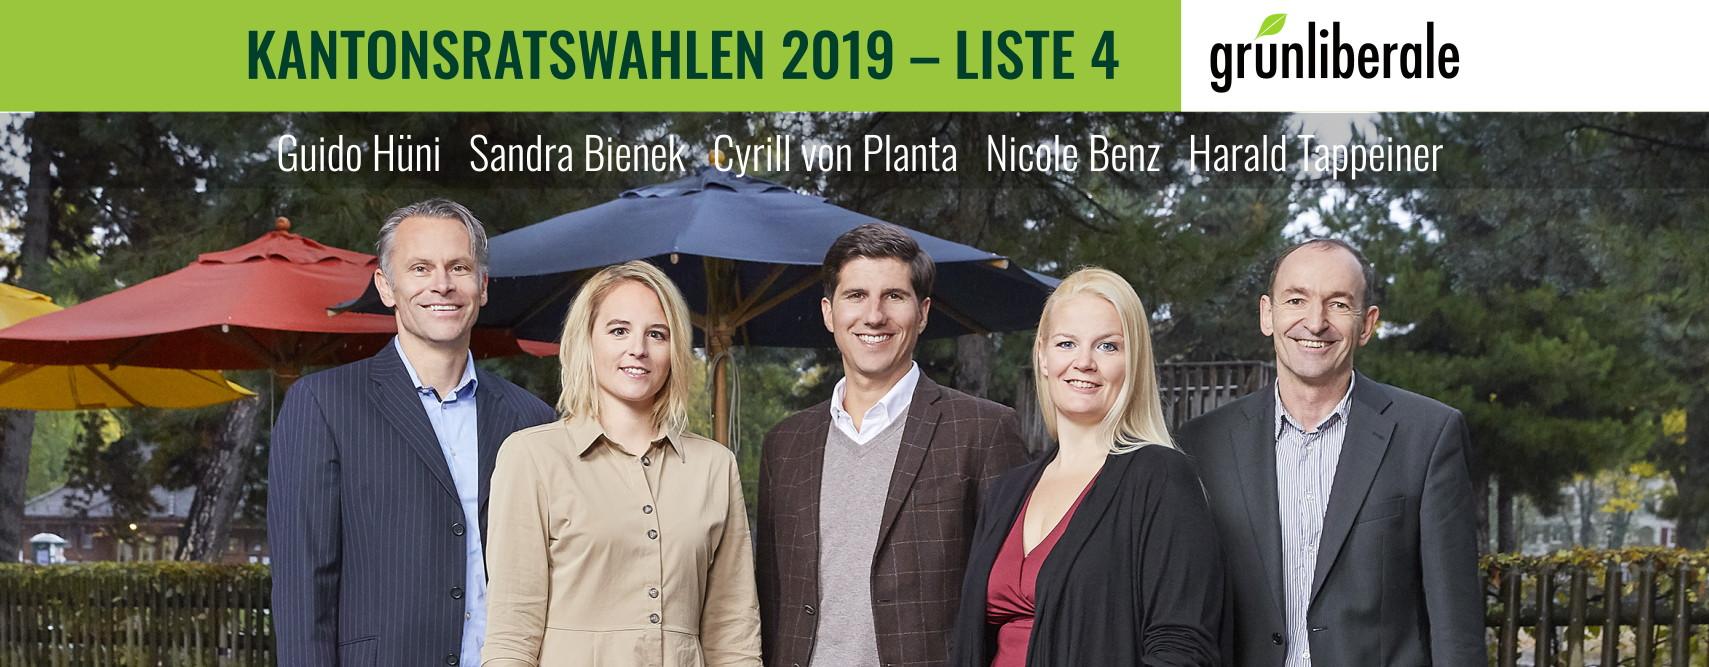 Auf dem Foto sind die Kandidatinnen und Kandidaten der Wahlliste der glp 4&5 für die Kantonsratswahlen abgebildet. Wir posieren vor der Josefswiese.